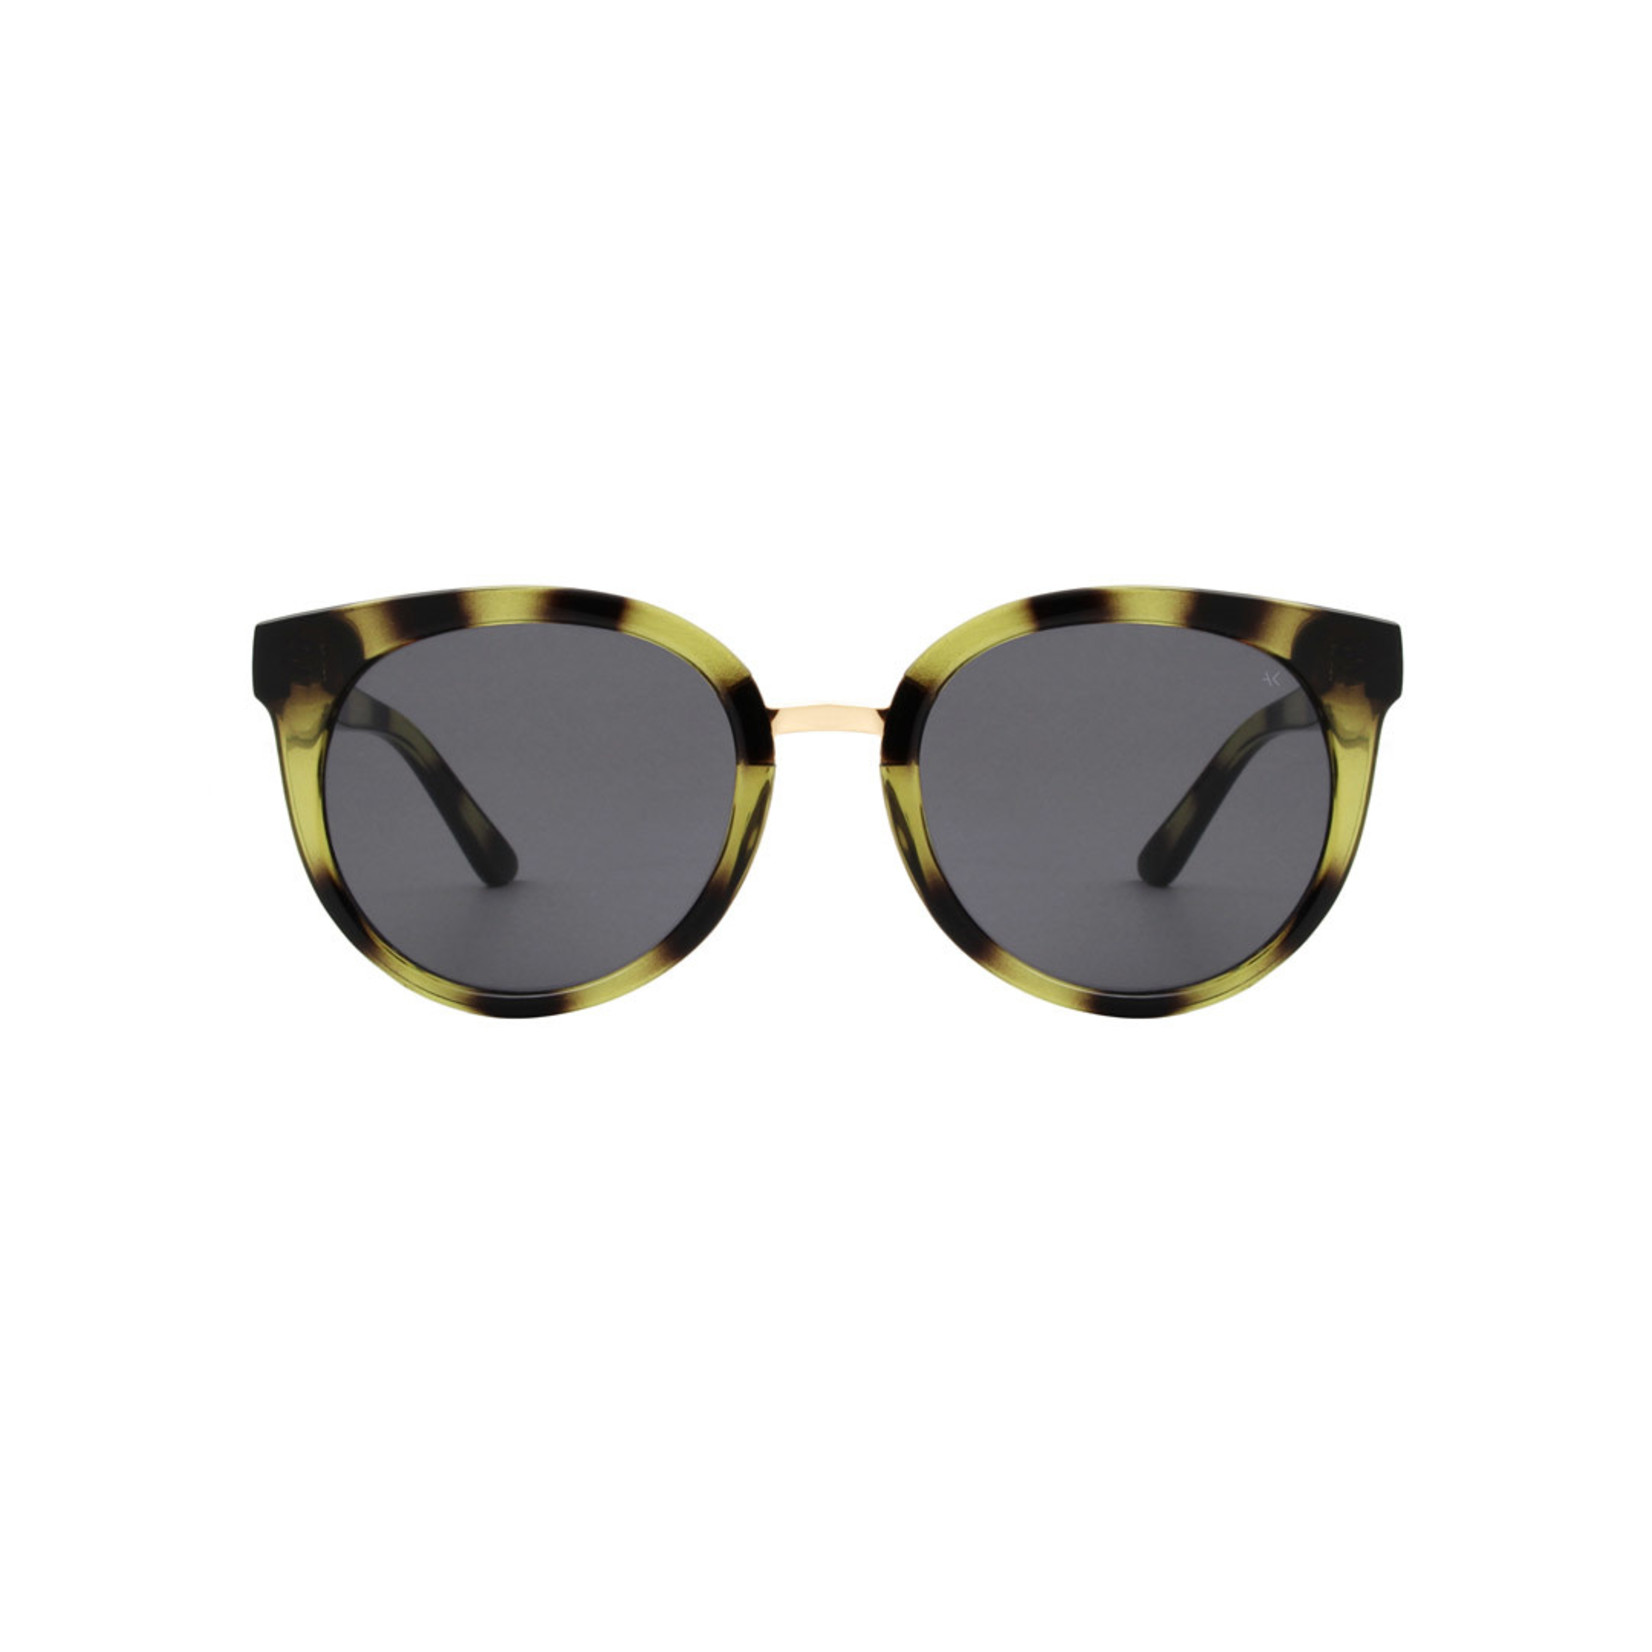 Kjearbede Kjearbede zonnebril Gray Demi Olive / AC10342-6